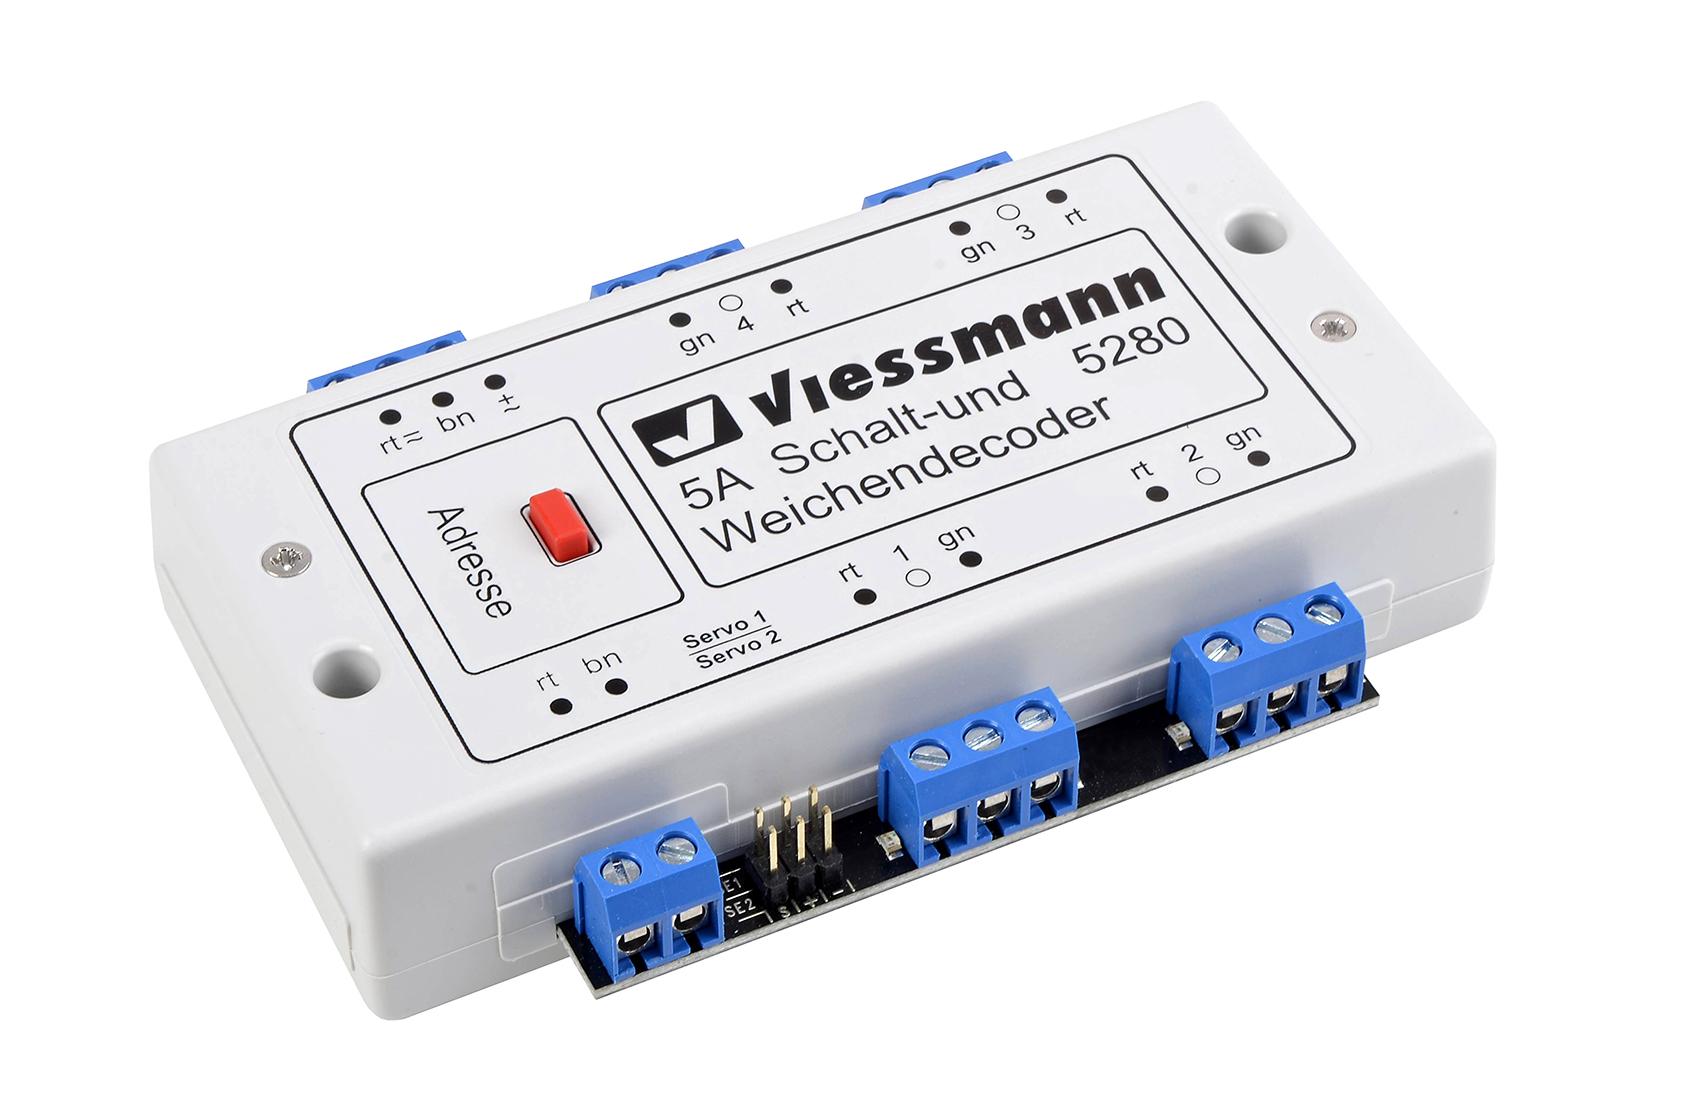 Viessmann 5280 <br/>Multiprotokoll Schalt- und Weichendecoder